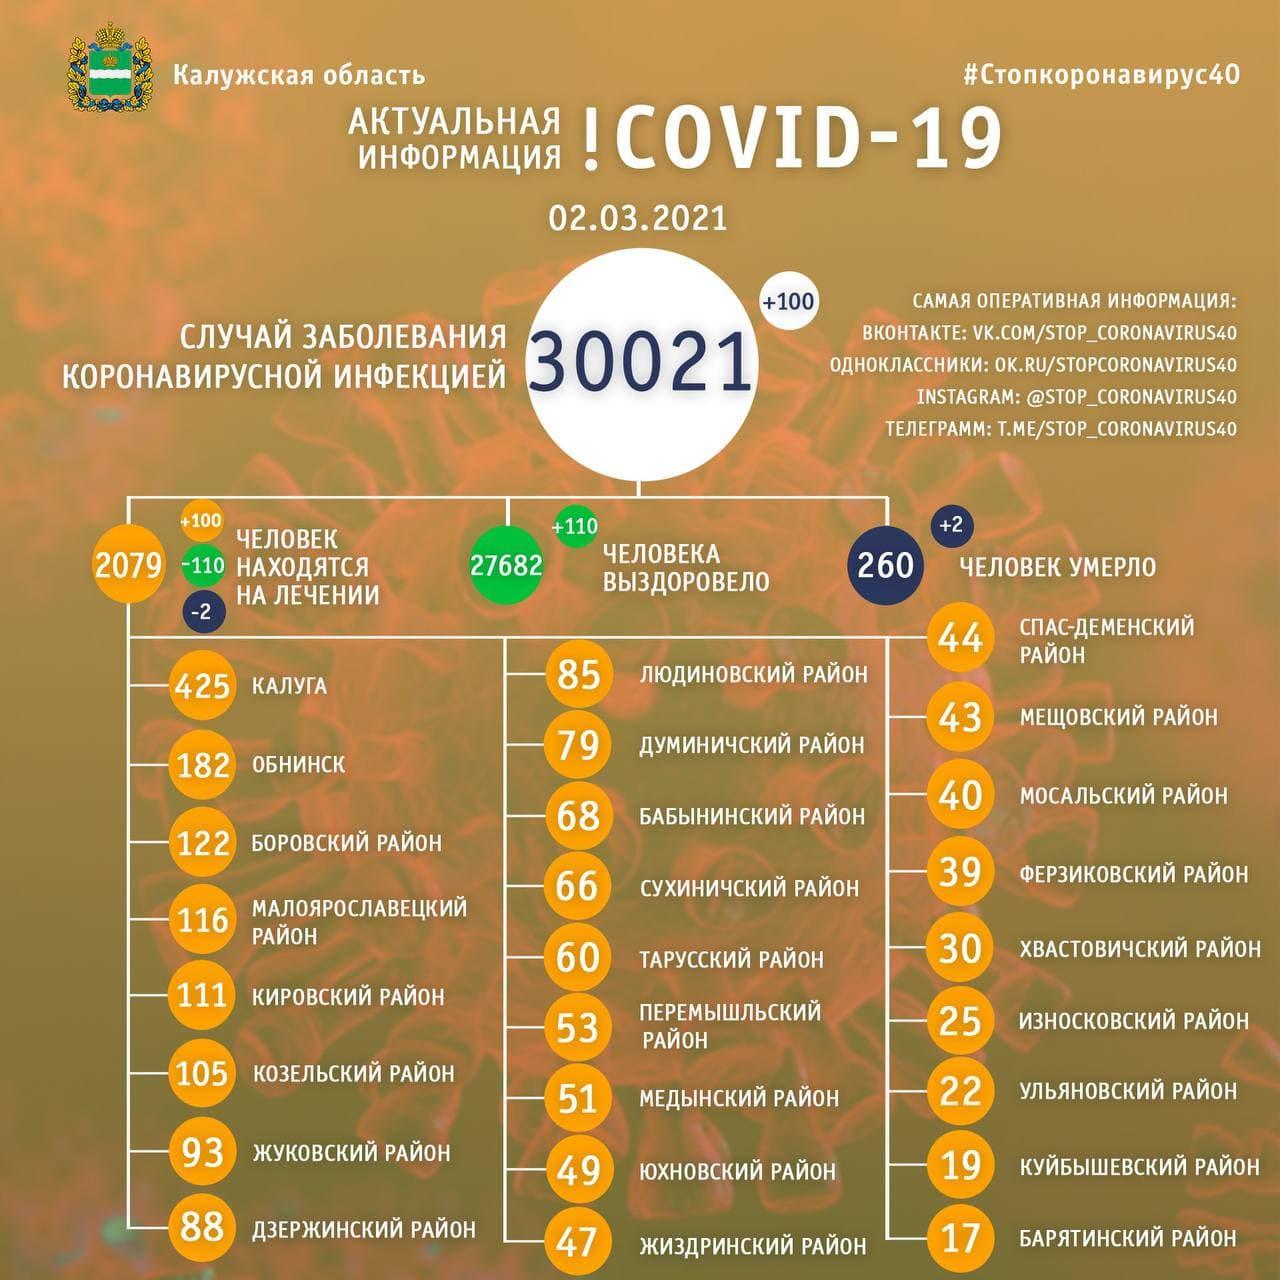 Официальная статистика по коронавирусу в Калужской области 2 марта 2021 года.